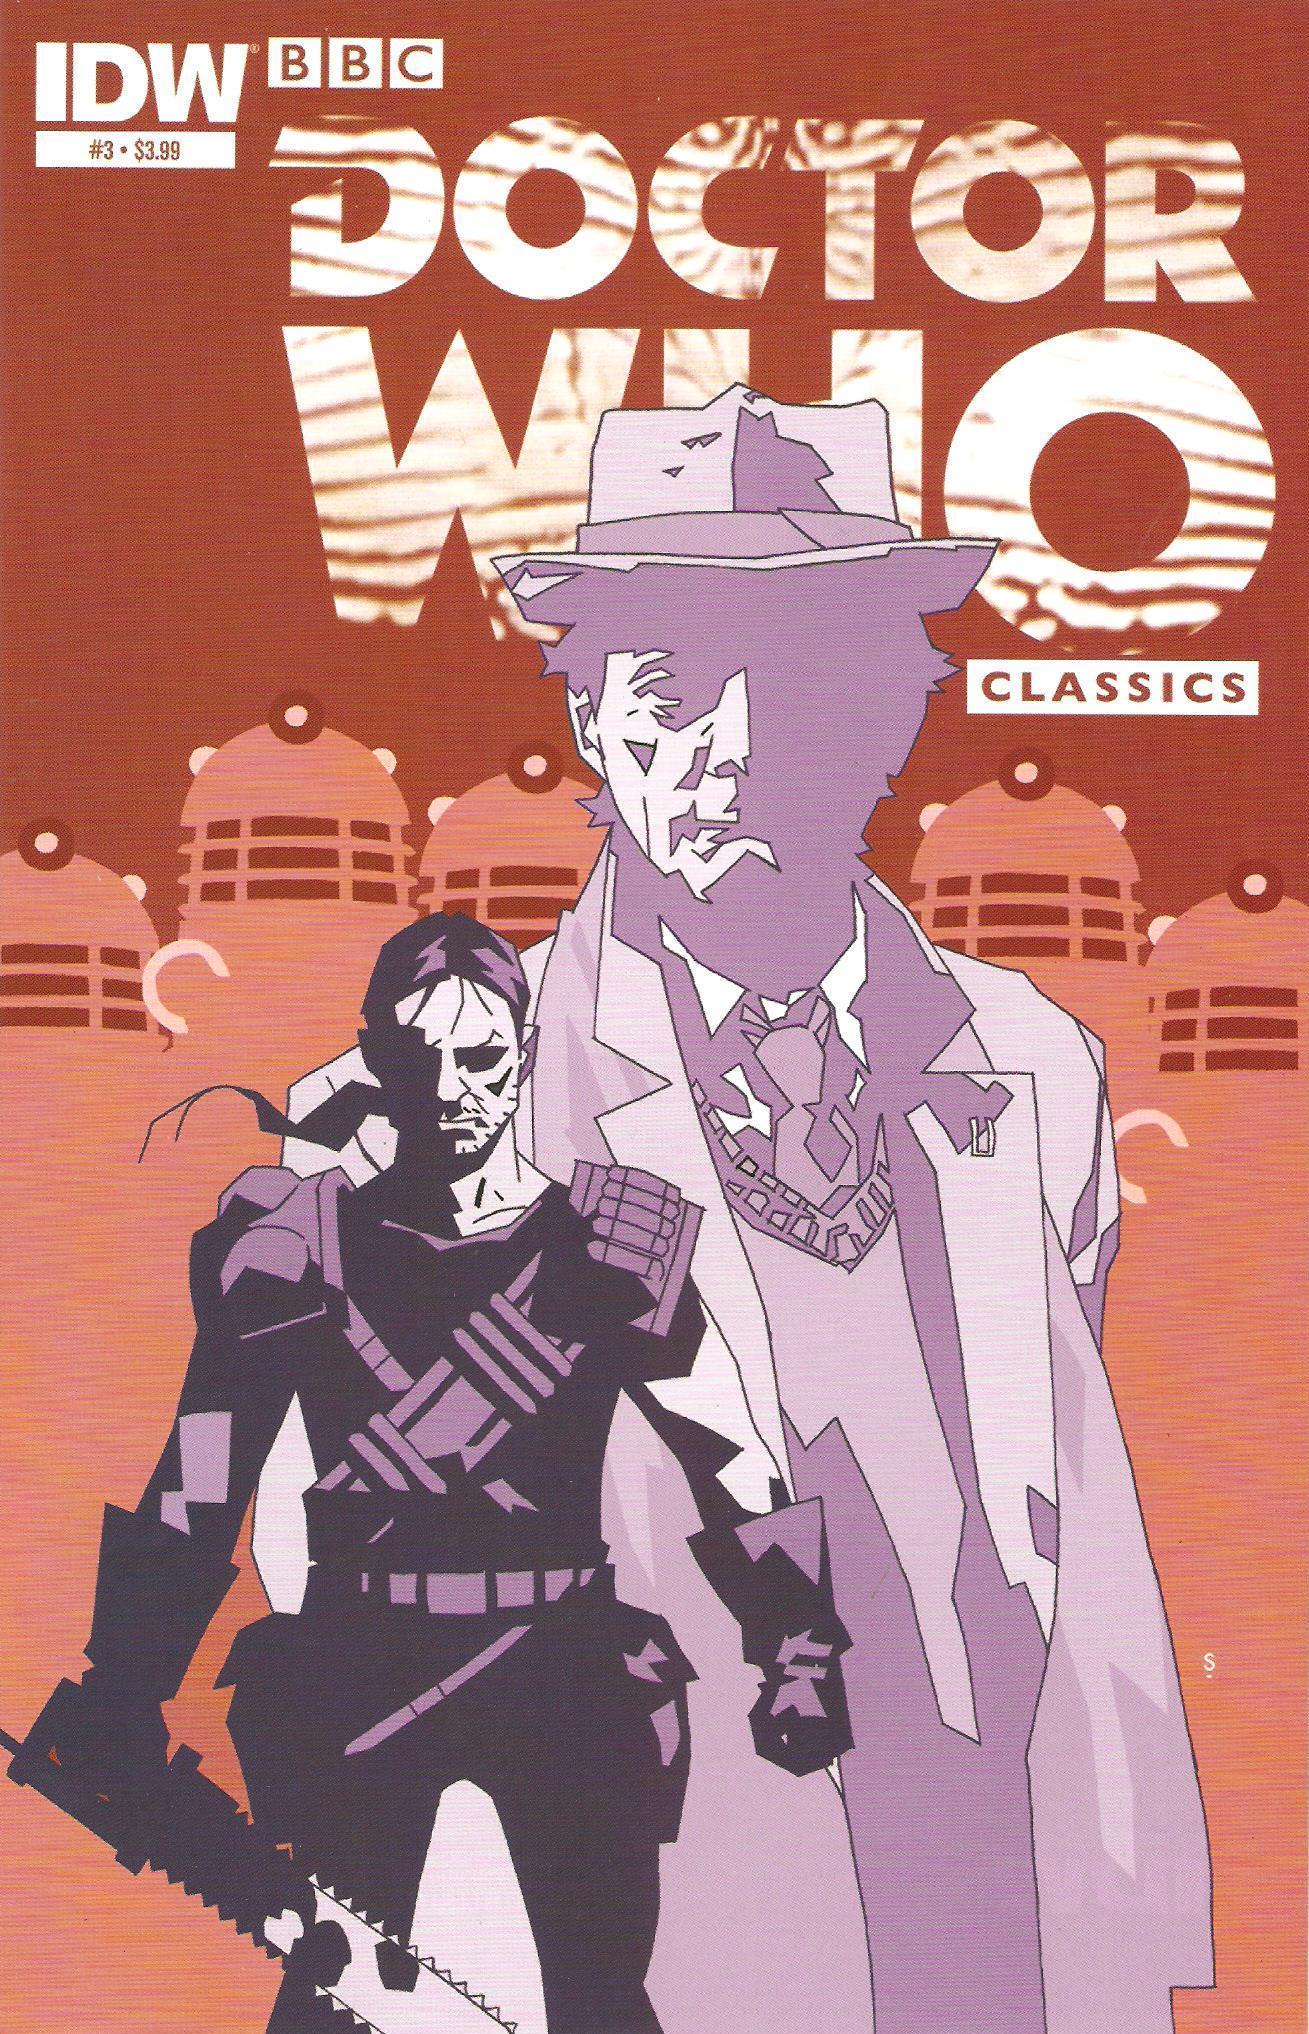 Classics series 5 issue 3